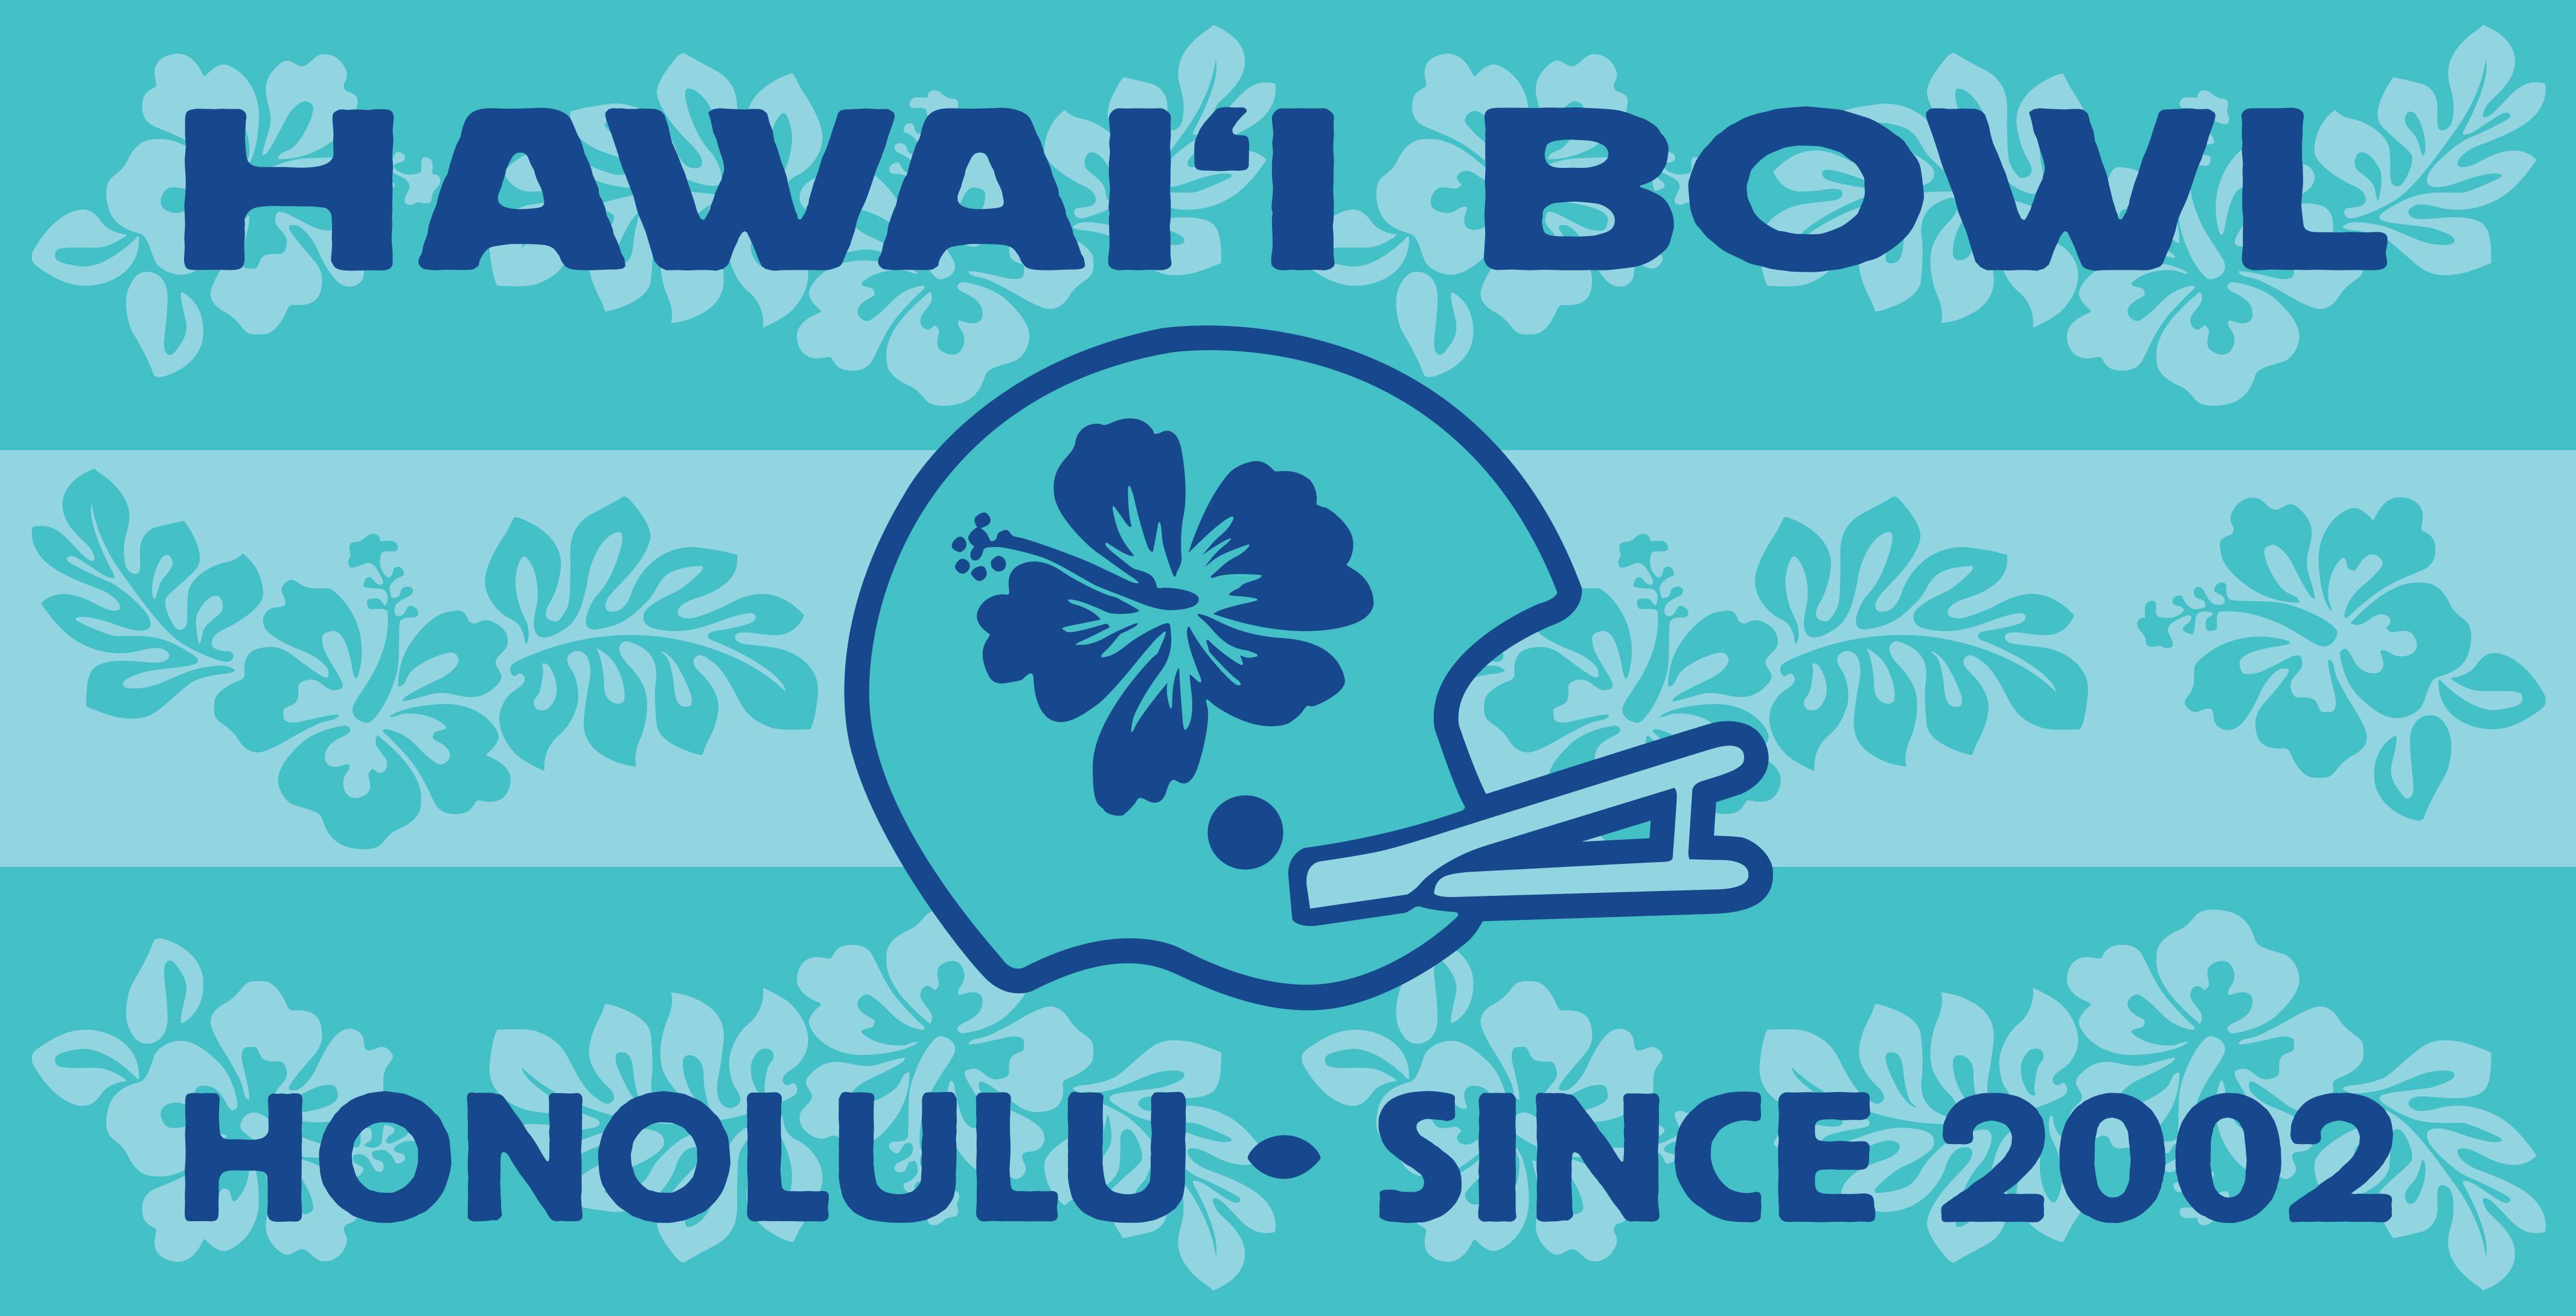 00375_BLUE-TOWEL_HI-Bowl-34x70_V2-PROOF